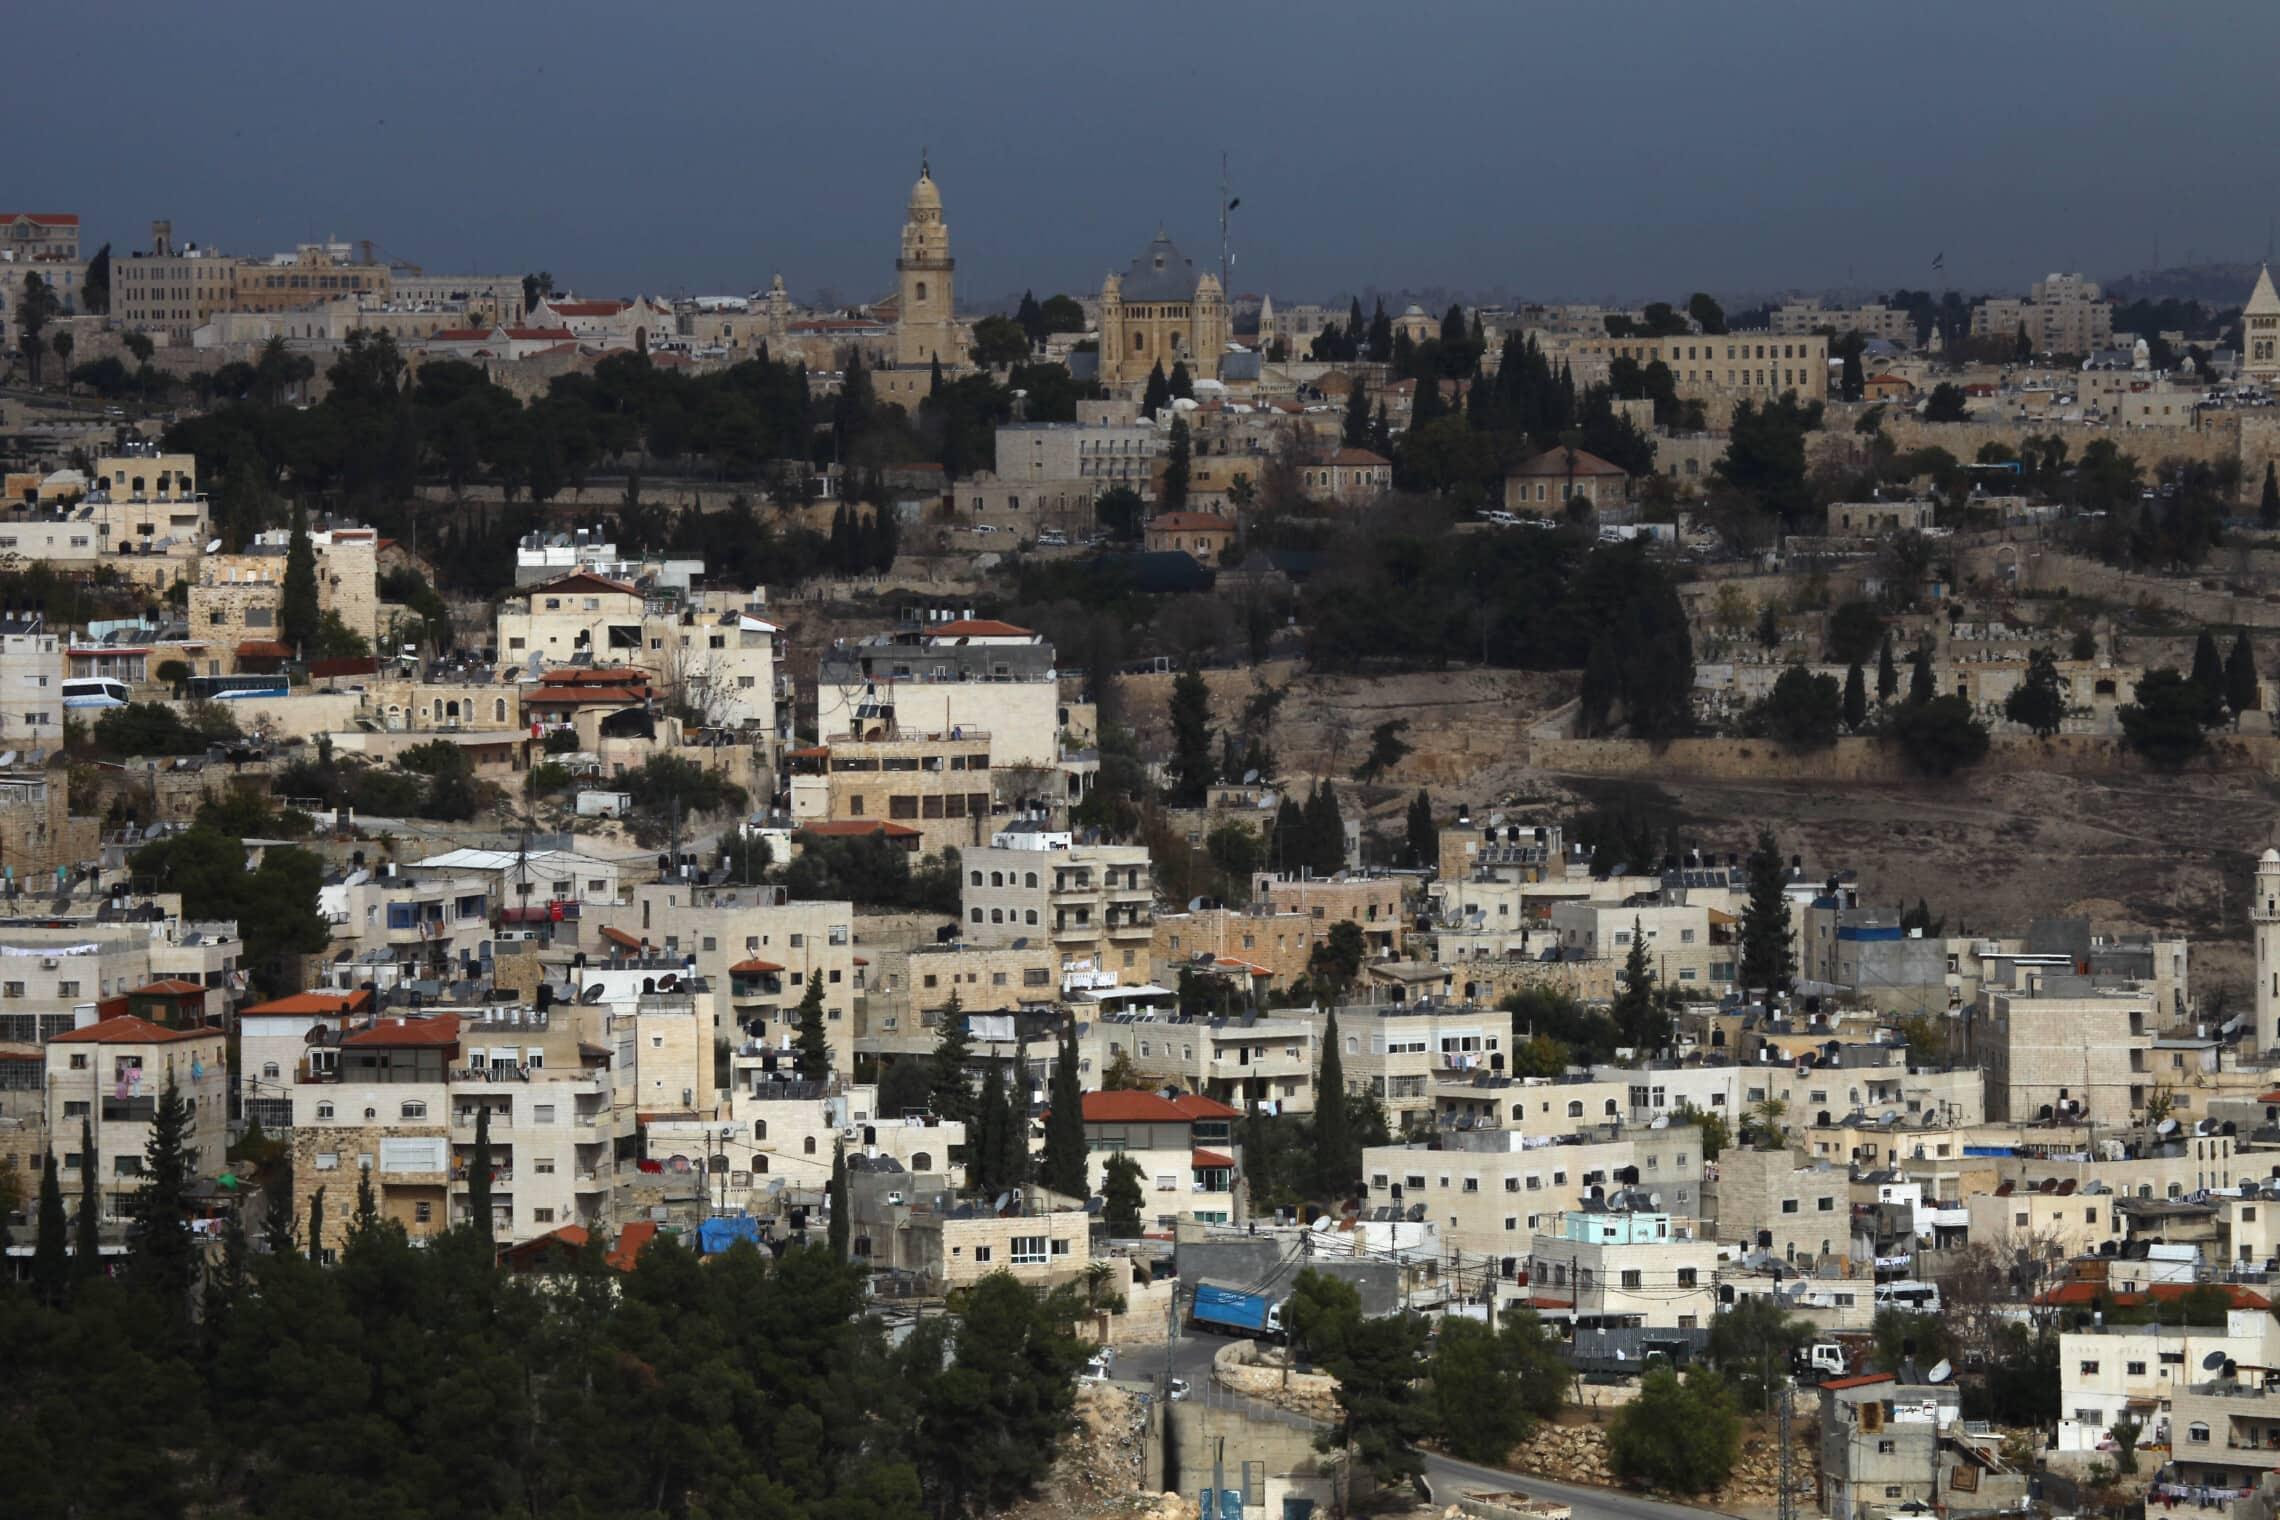 שכונת אבו תור בירושלים (צילום: נתי שוחט/פלאש90)